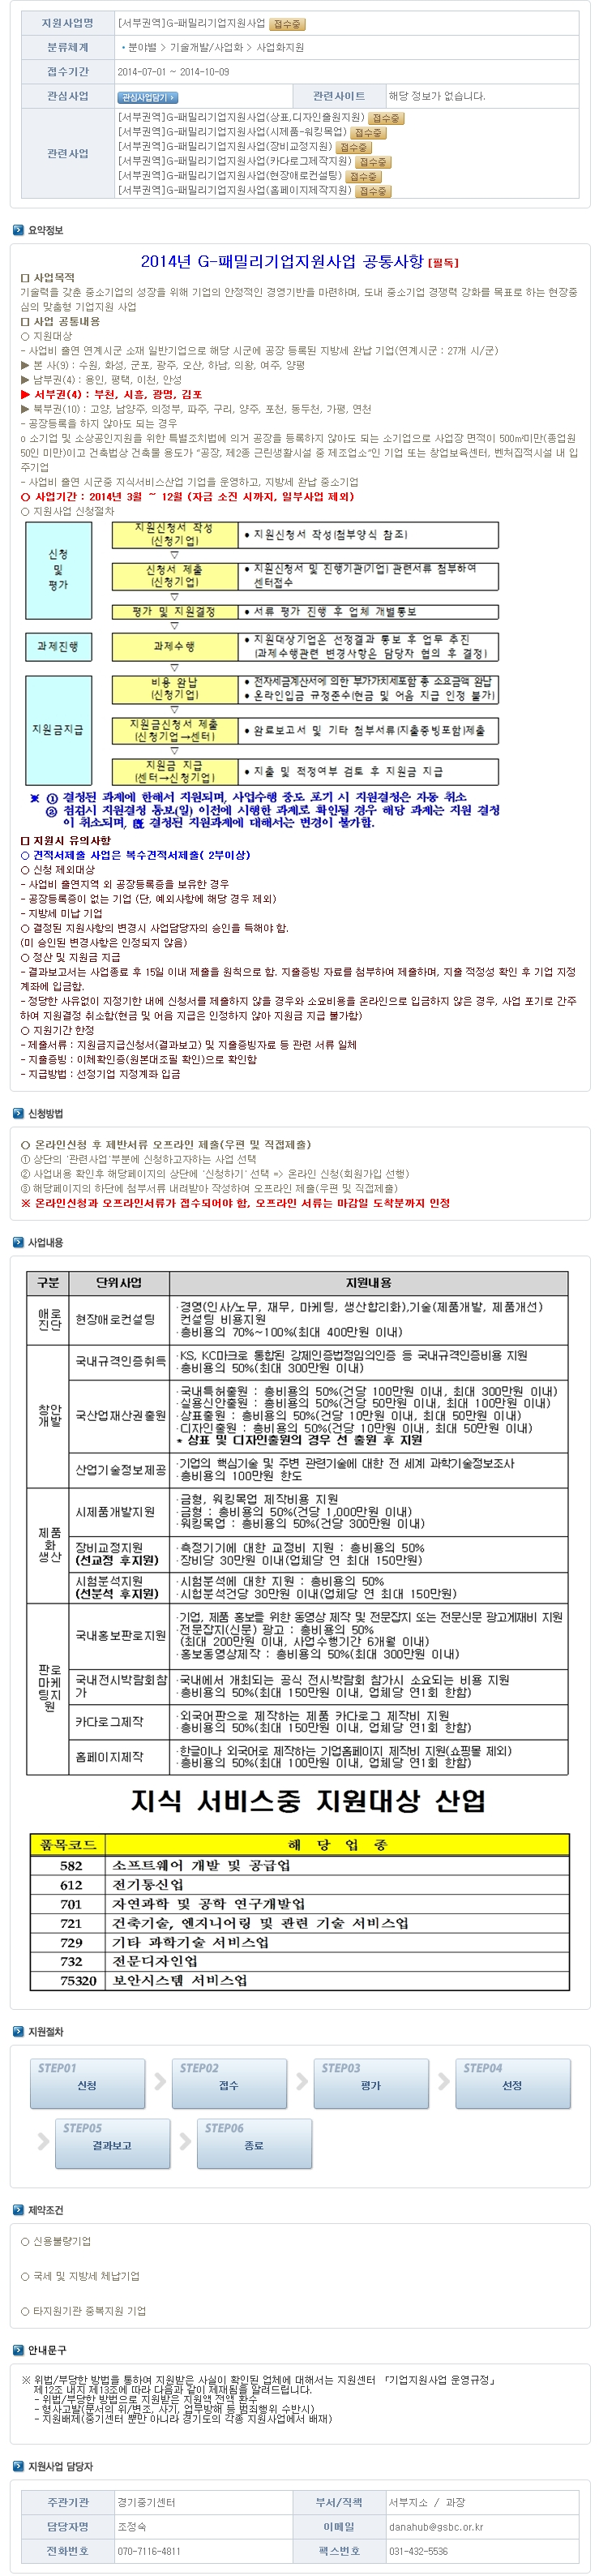 [경기 서부권] g-패밀리기업 지원사업.jpg